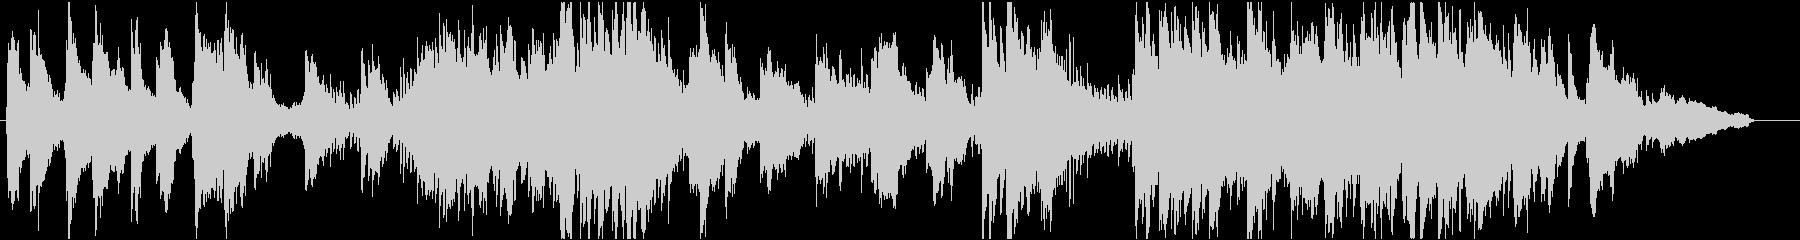 ほのぼのとしたヒーリング系ピアノBGMの未再生の波形